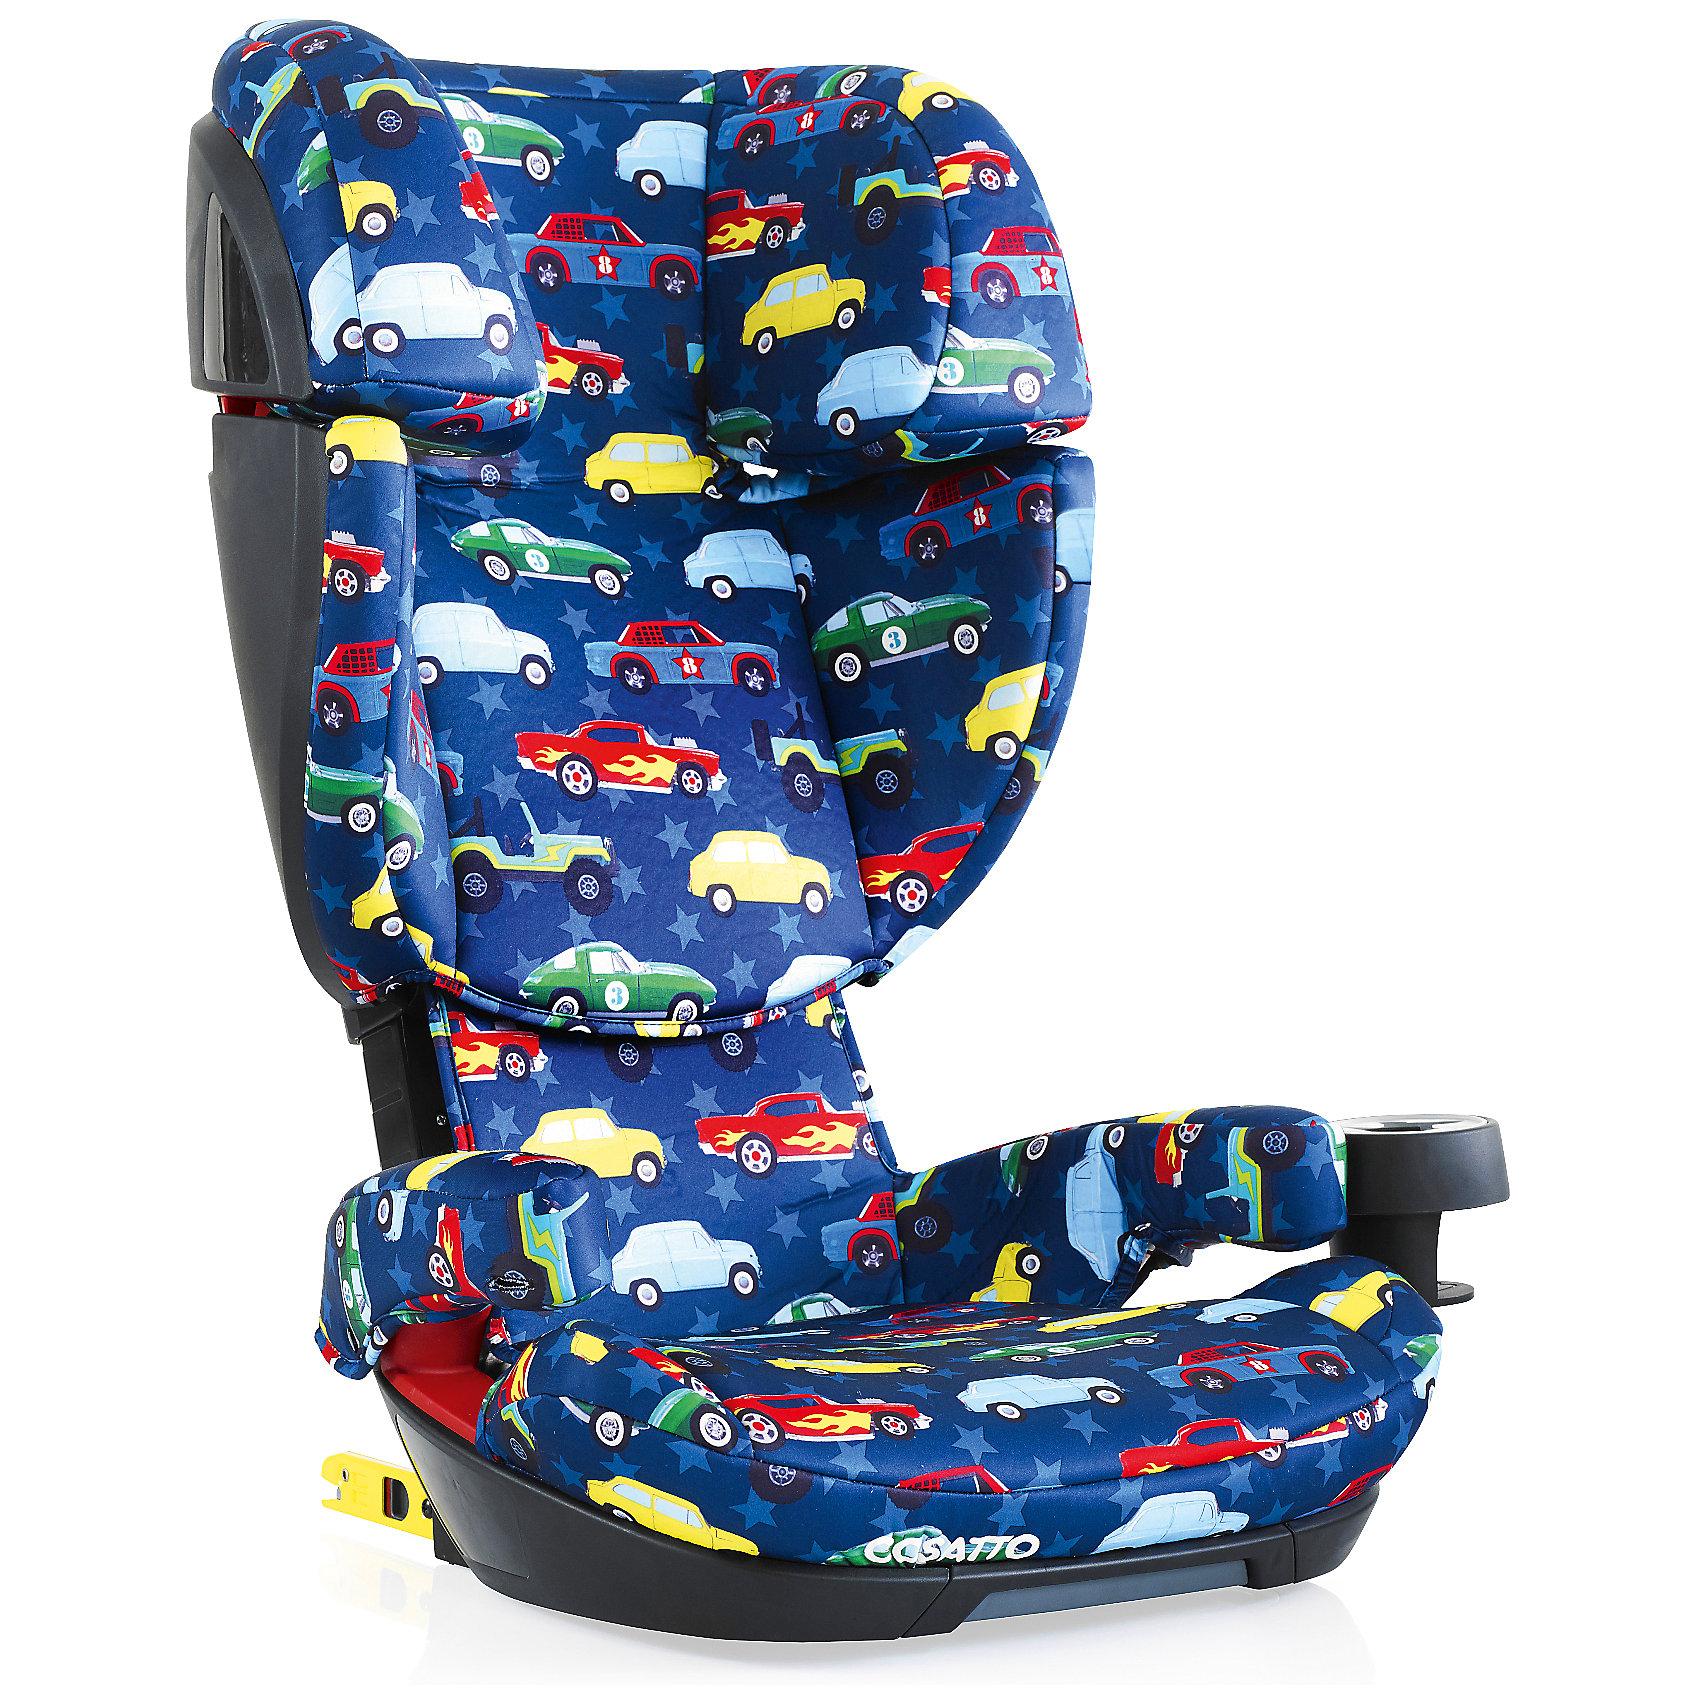 Автокресло Cosatto Skippa Isofix, 15-36 кг., Rev UpГруппа 2-3 (От 15 до 36 кг)<br>Автокресло 2017 года Cosatto Skippa Fix было создано для наиболее комфортных и максимально безопасных поездок в автомобиле. Модель предназначена для детей от 4 до 12 лет.<br><br>Особенностями автокресла являются надежная боковая защита, мягкое удобное сиденье и съемный держатель для напитков.<br><br>Характеристики:<br><br>    Для детей от 4 до 12 лет, весом от 15 до 36 кг<br>    Устанавливается в автомобиле лицом по ходу движения с помощью штатных 3-точечных ремней безопасности либо системы крепления Isofix<br>    Надежная защита от боковых ударов<br>    2 положения по наклону<br>    Спинка, регулируемая по высоте<br>    Комфортное мягкое сиденье<br>    Съемный подстаканник<br>    Моющиеся чехлы<br>    Соответствует европейскому стандарту ECE R44/04<br><br>Ширина мм: 750<br>Глубина мм: 450<br>Высота мм: 330<br>Вес г: 8000<br>Возраст от месяцев: -2147483648<br>Возраст до месяцев: 2147483647<br>Пол: Унисекс<br>Возраст: Детский<br>SKU: 5629505